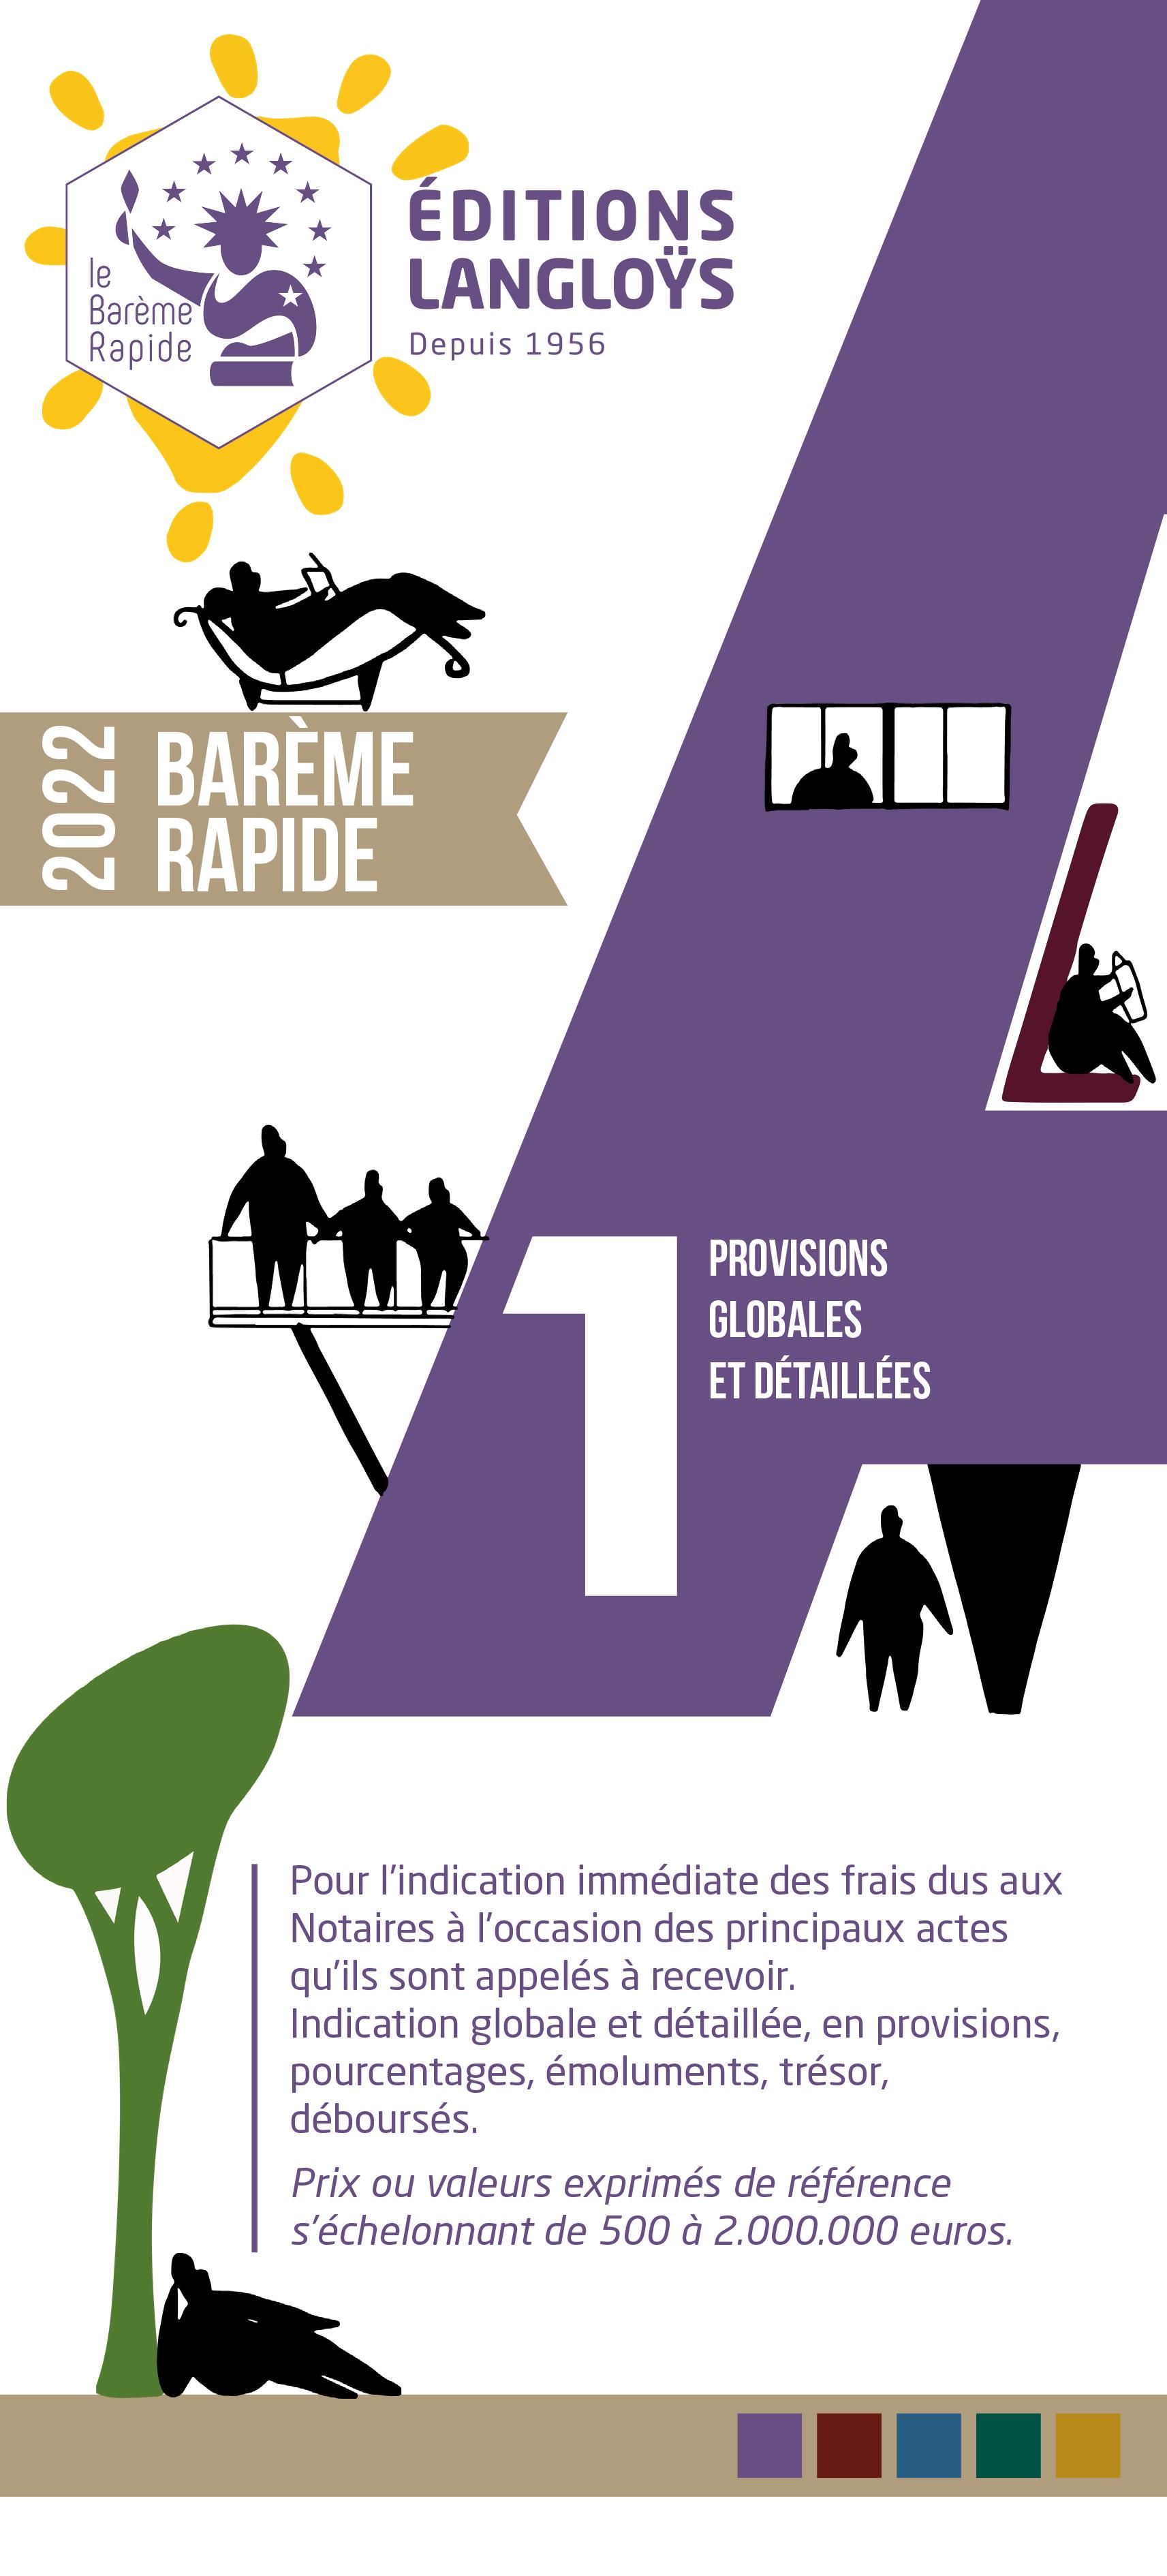 2022 - Barème Rapide A1